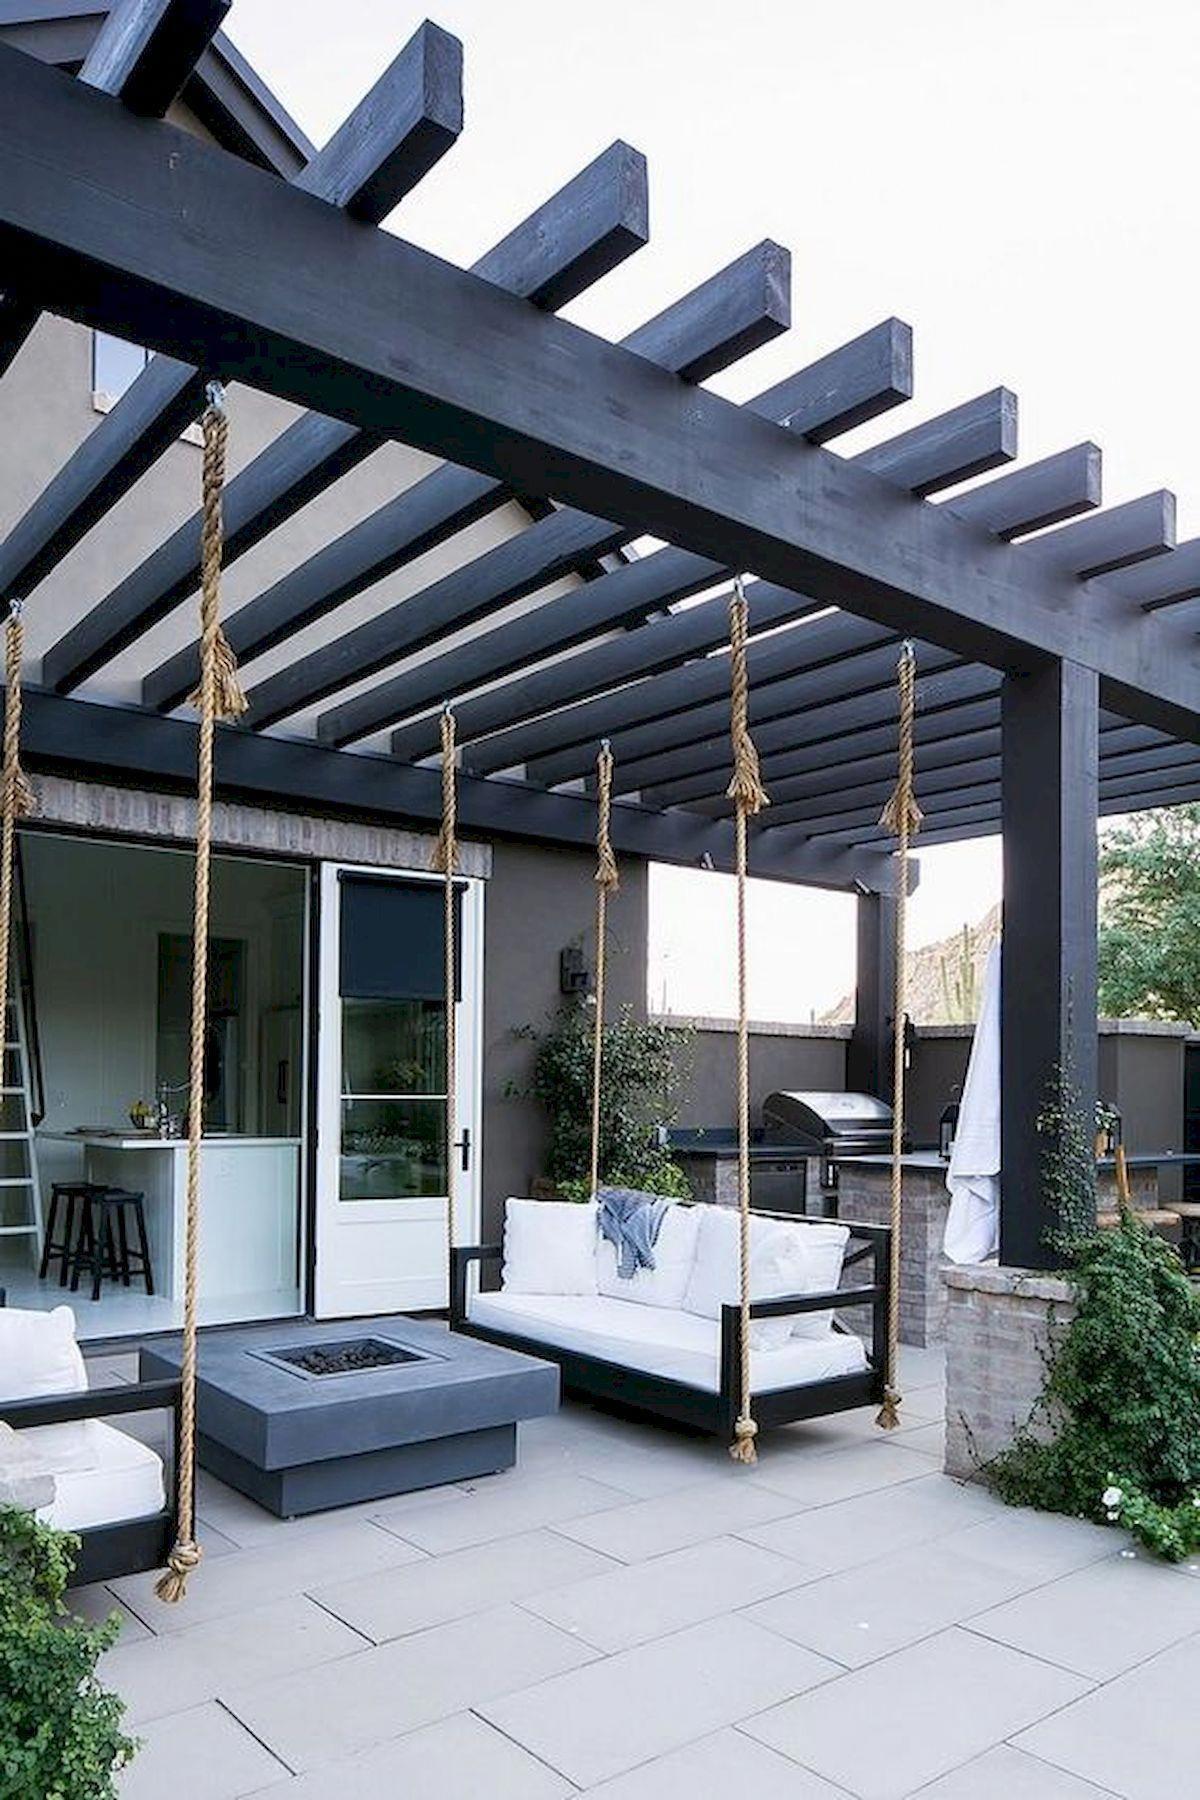 Outdoor Kitchen Pergola Ideas Jpg 988 651 Outdoor Pergola Backyard Pergola Backyard Patio